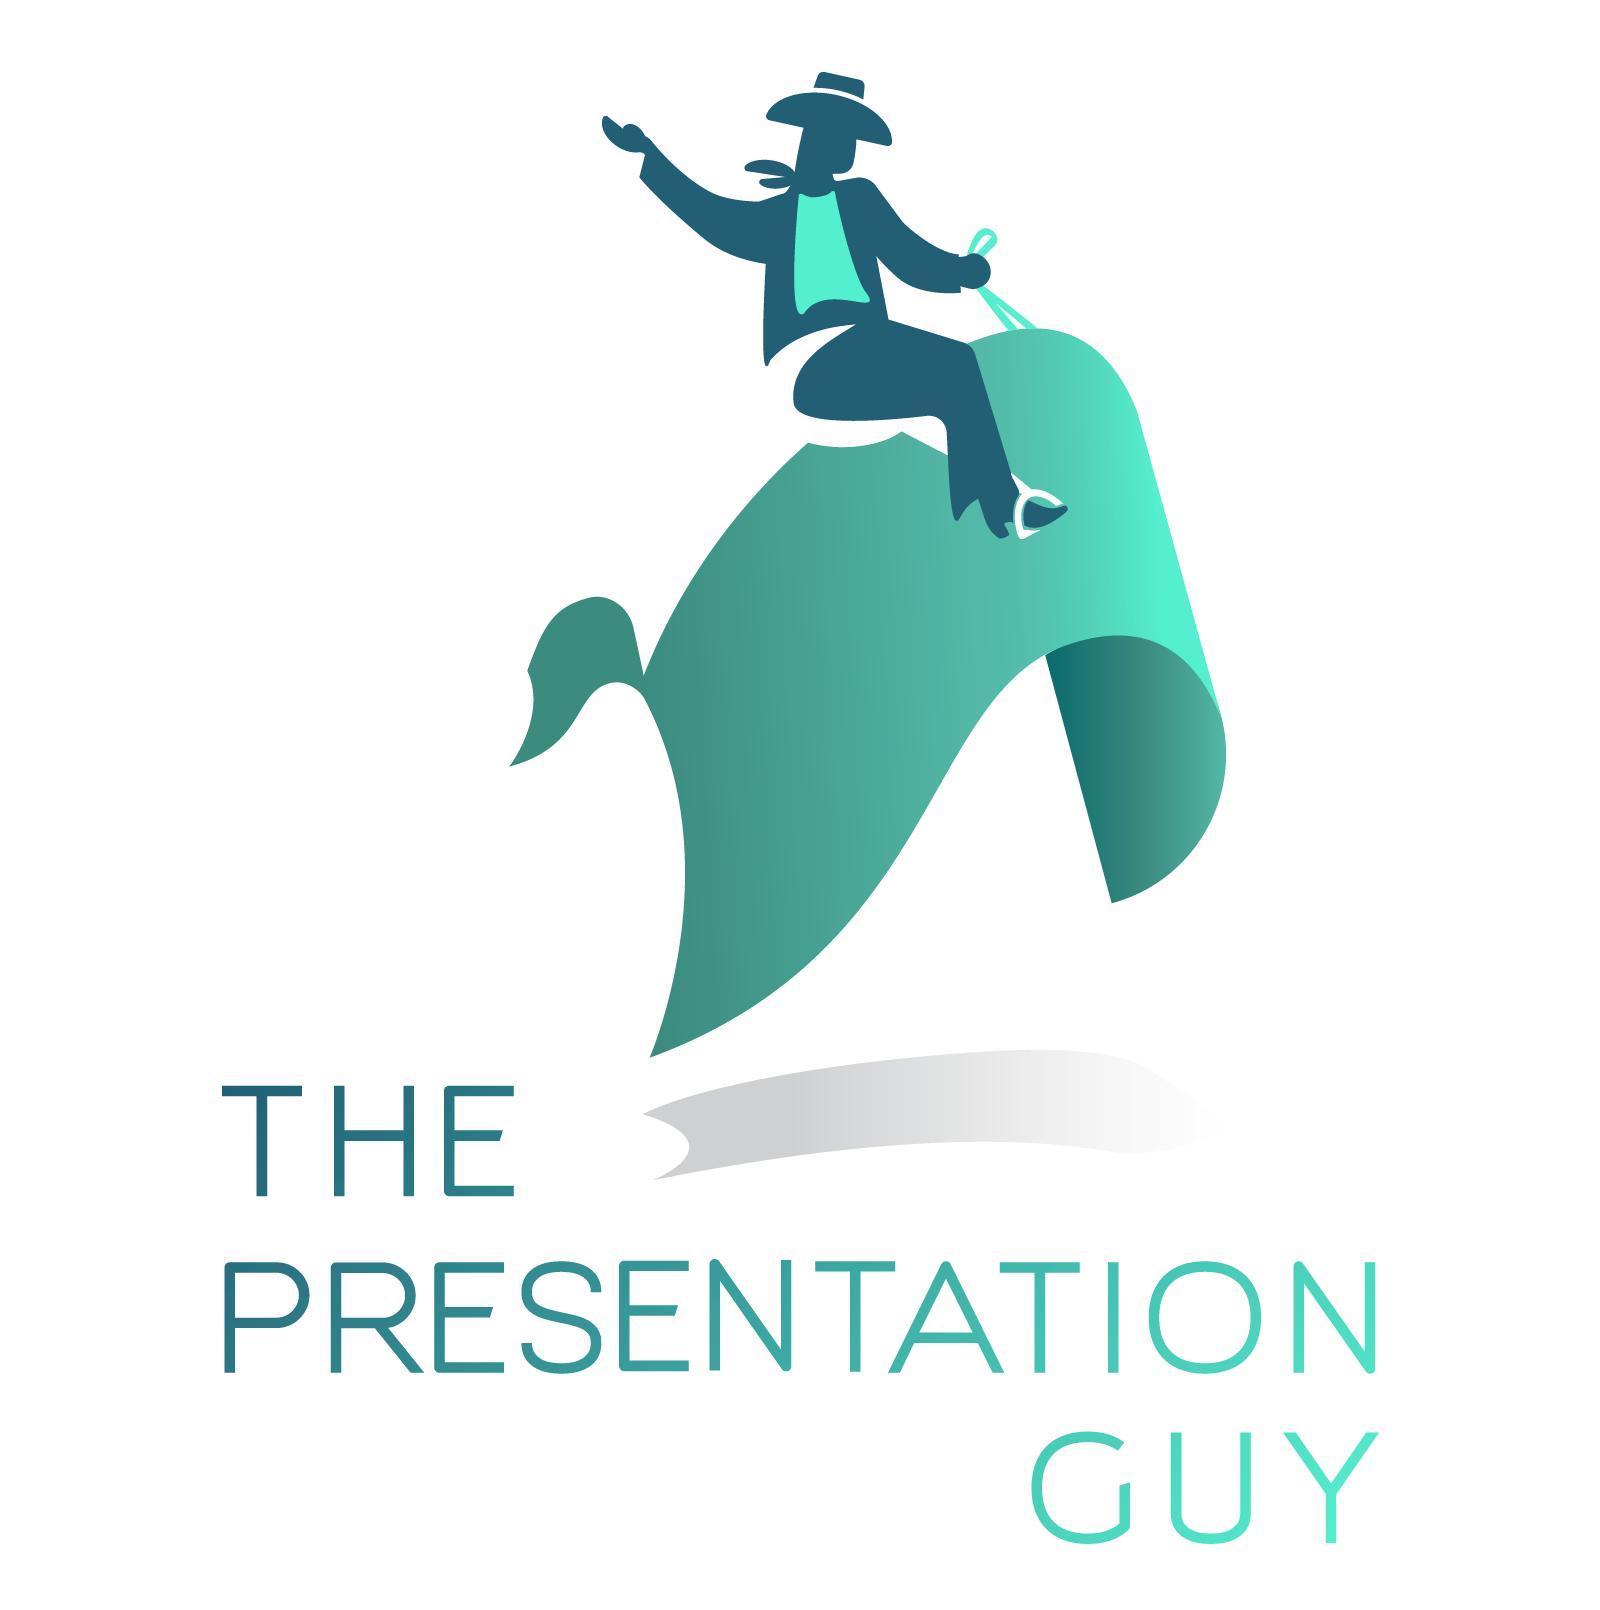 Presentation Guy